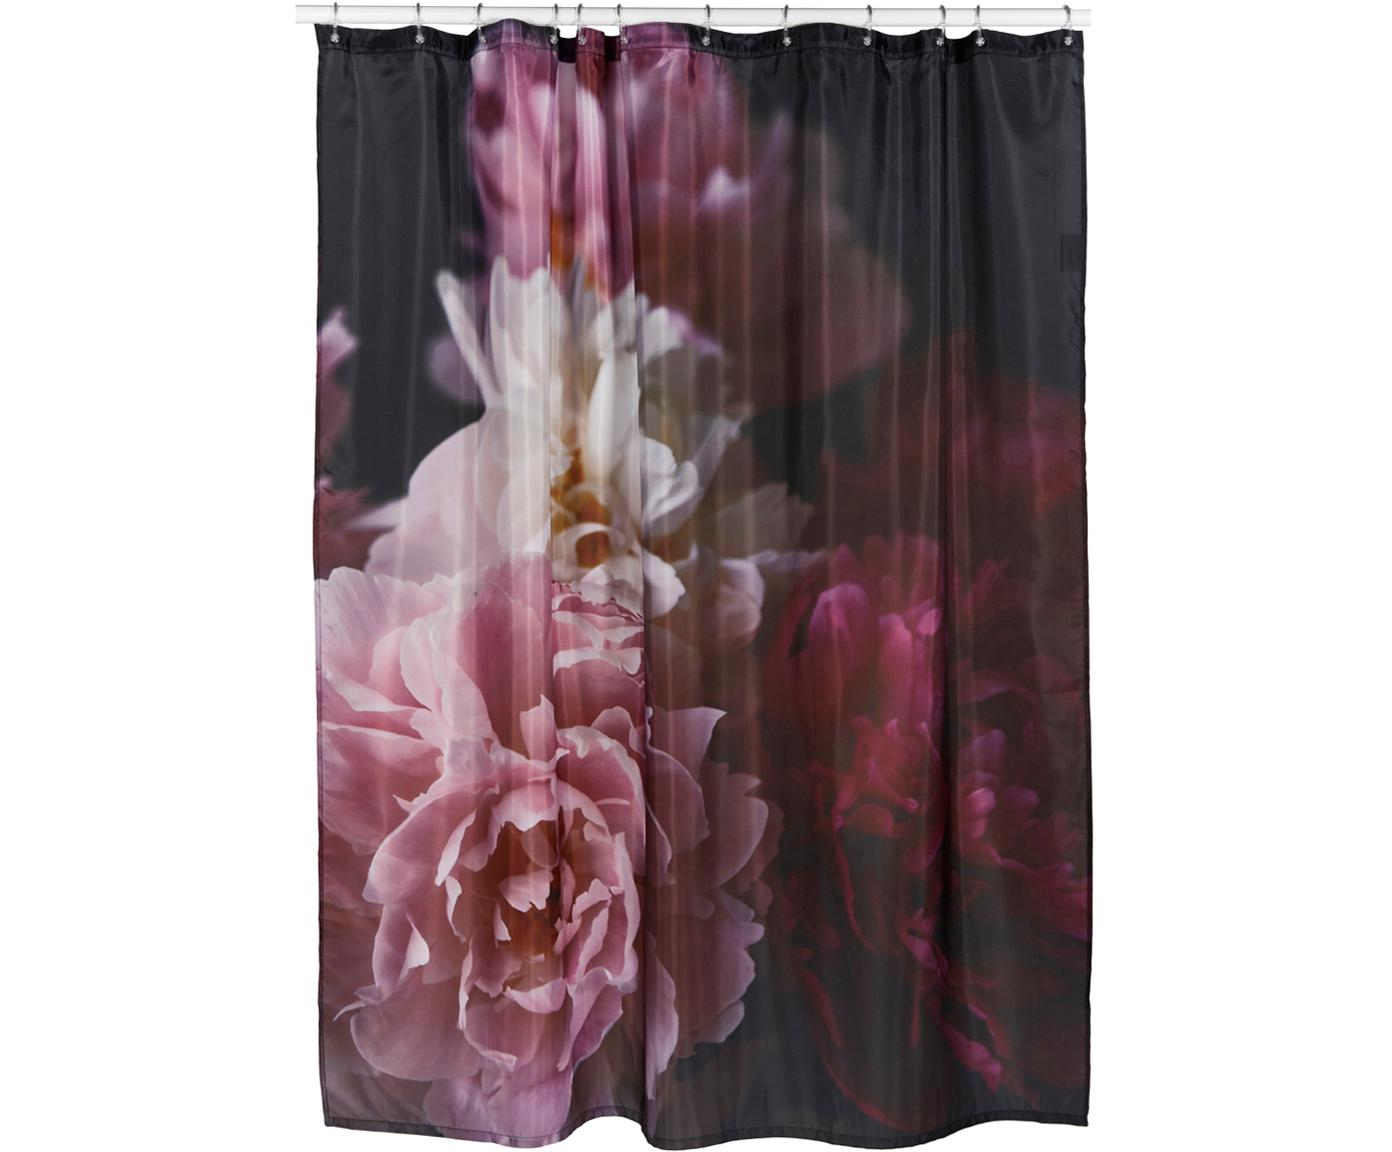 Tenda da doccia con motivo floreale Rosemarie, Poliestere, Multicolore, Larg. 180 x Lung. 200 cm